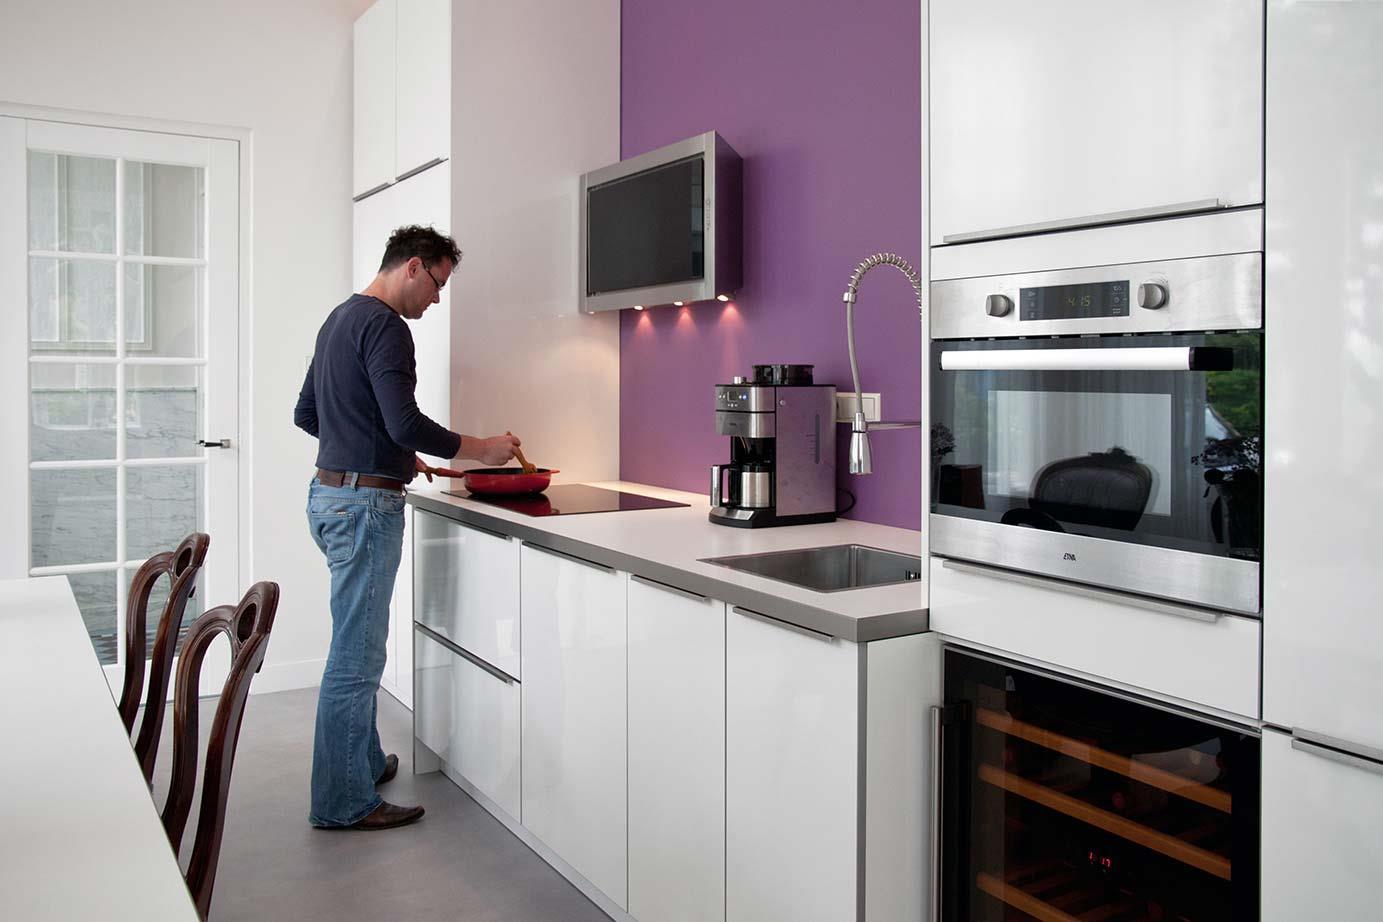 Keur Keukens Haarlem : Kleine keuken kopen in haarlem lees deze klantervaring keur